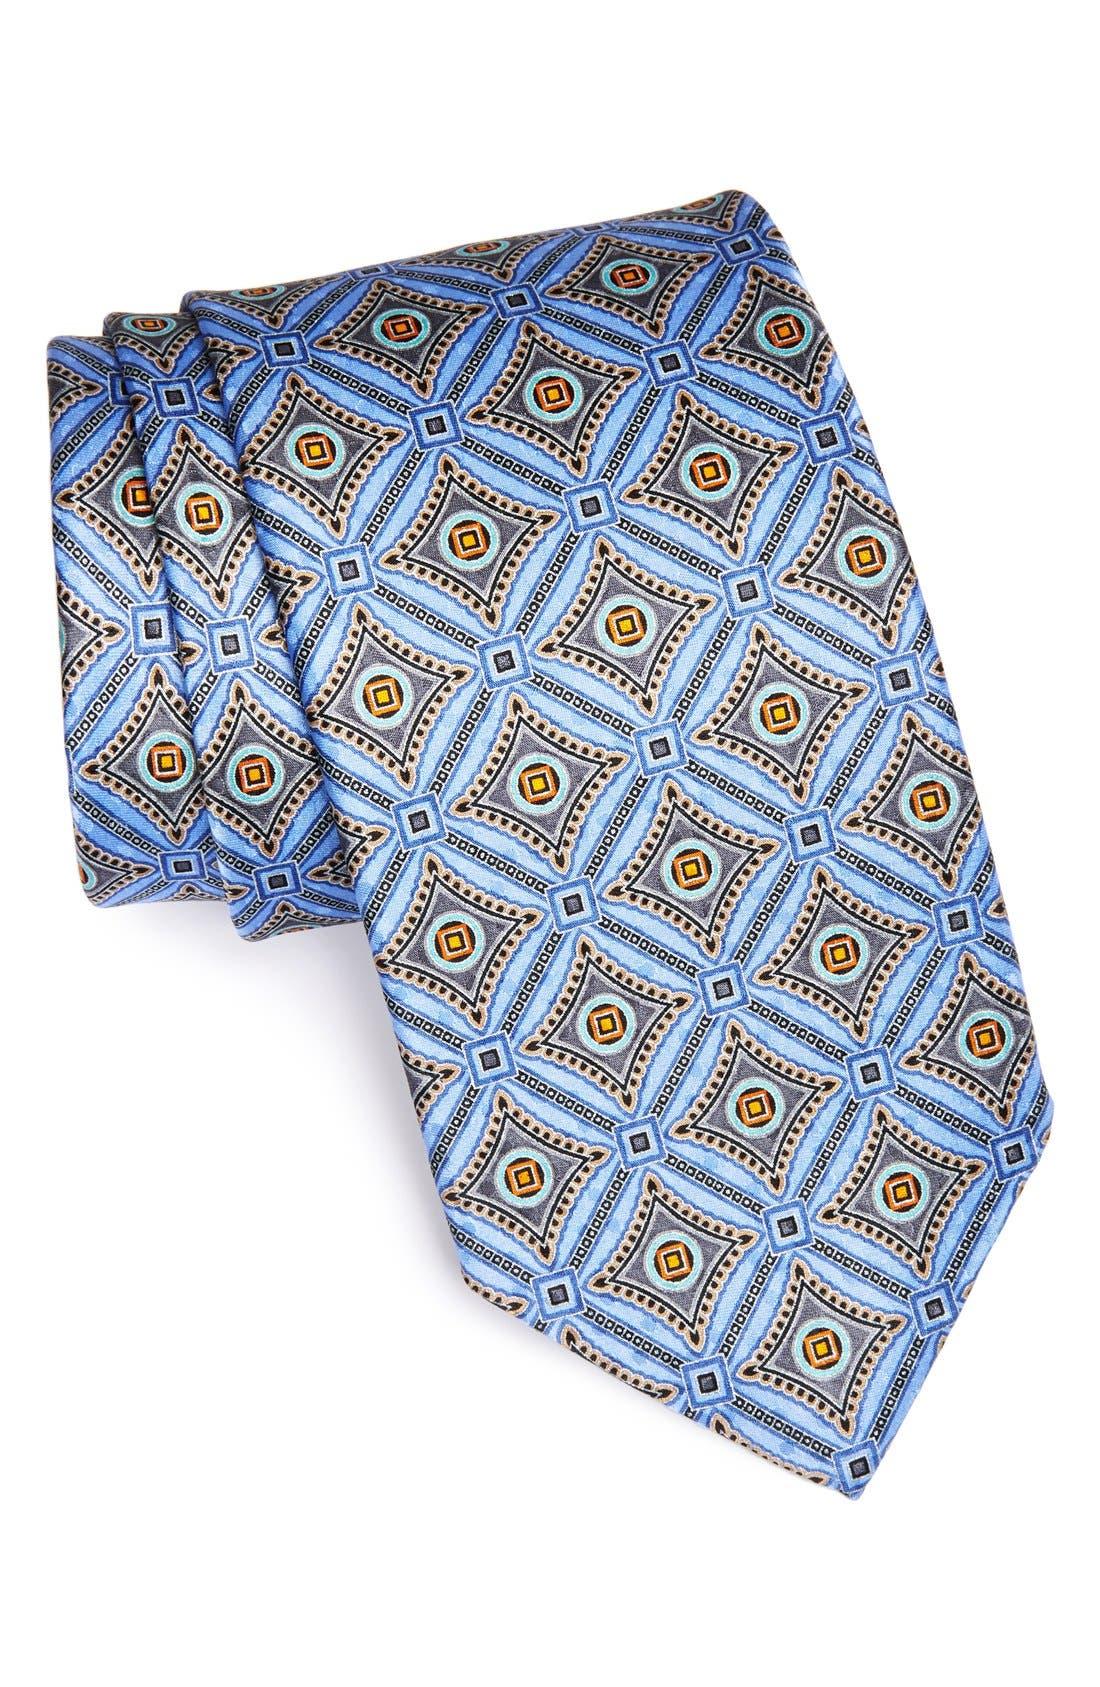 Main Image - J.Z. Richards Printed Silk Tie